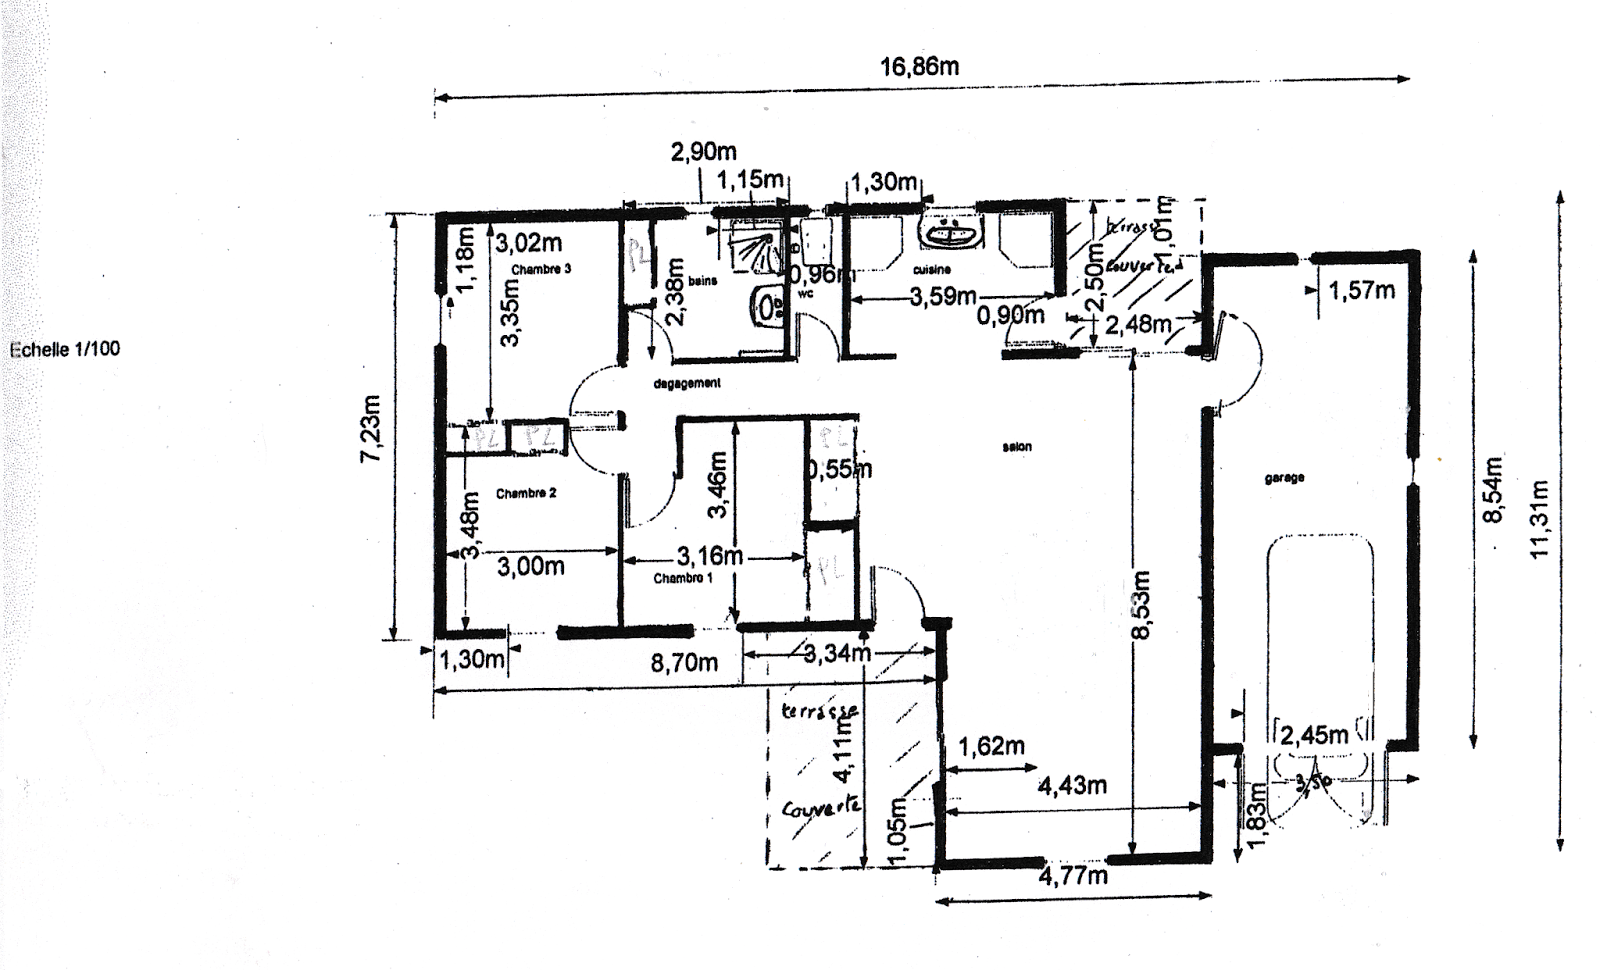 Maison ossature bois vendue a peipin sisteron 04200 for Plan architecte chambre hotel